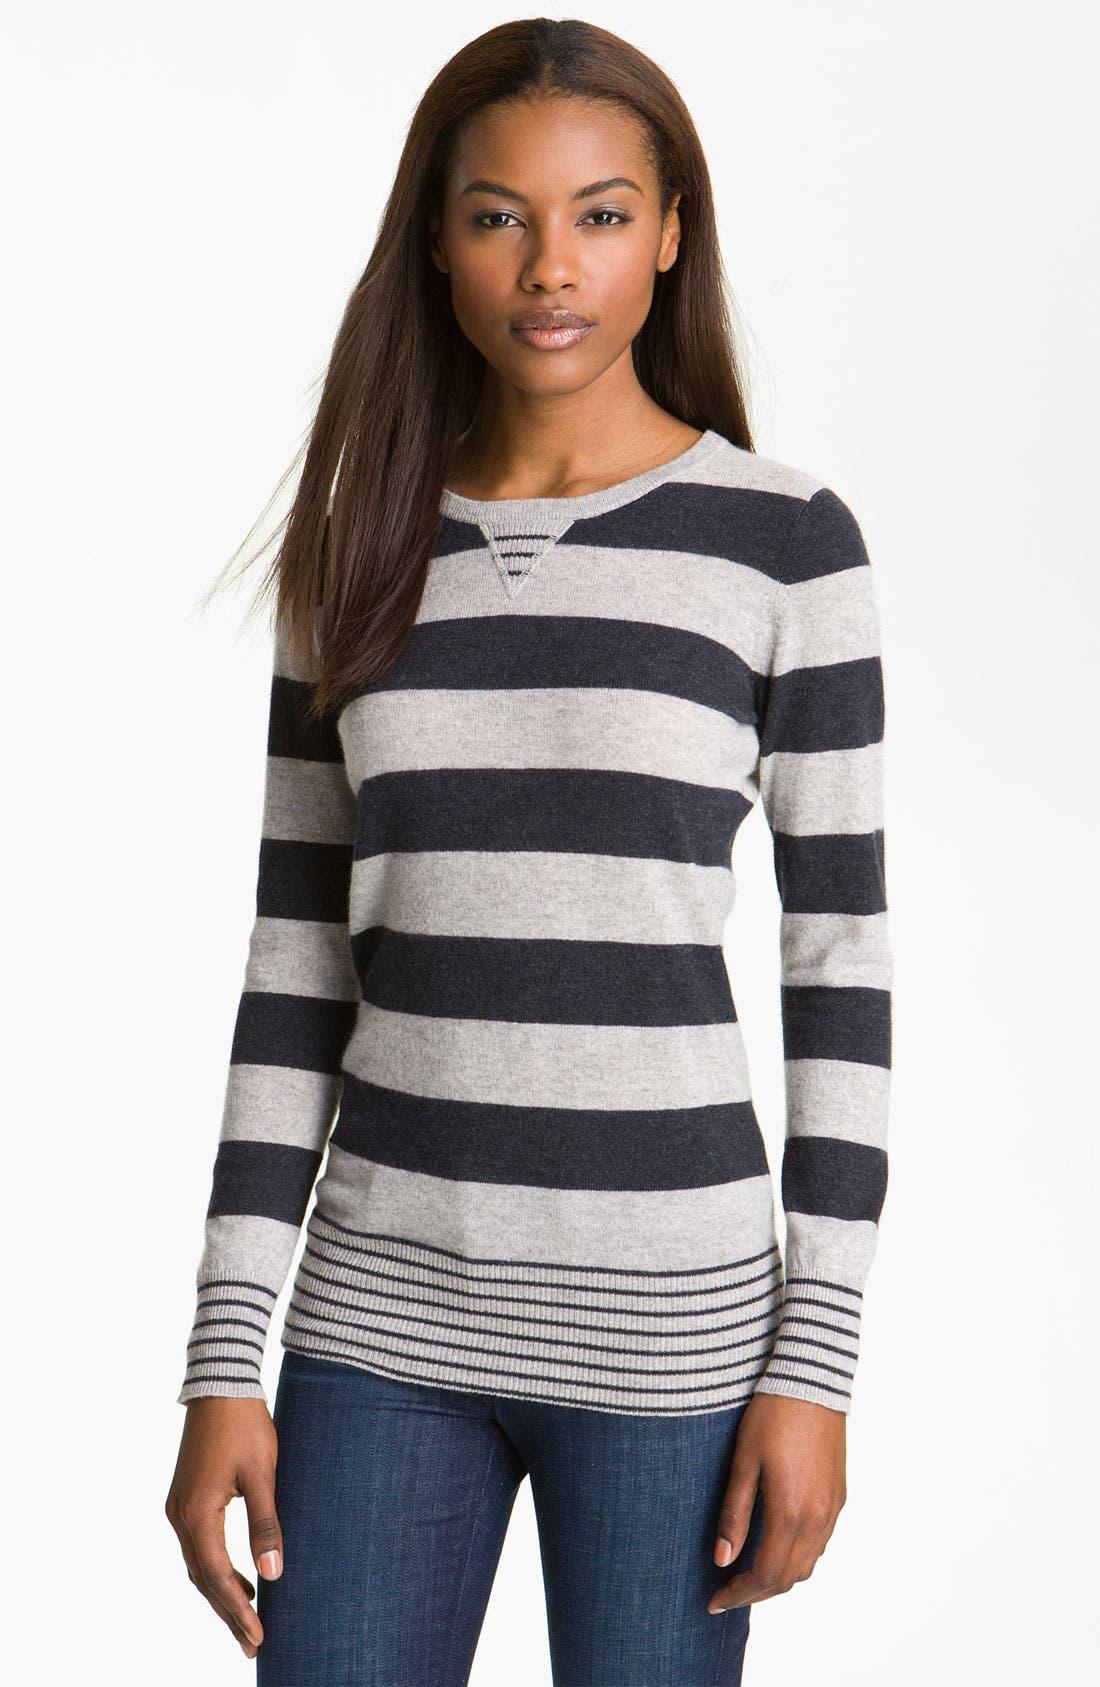 AUTUMN CASHMERE, Stripe Cashmere Sweatshirt, Main thumbnail 1, color, 051